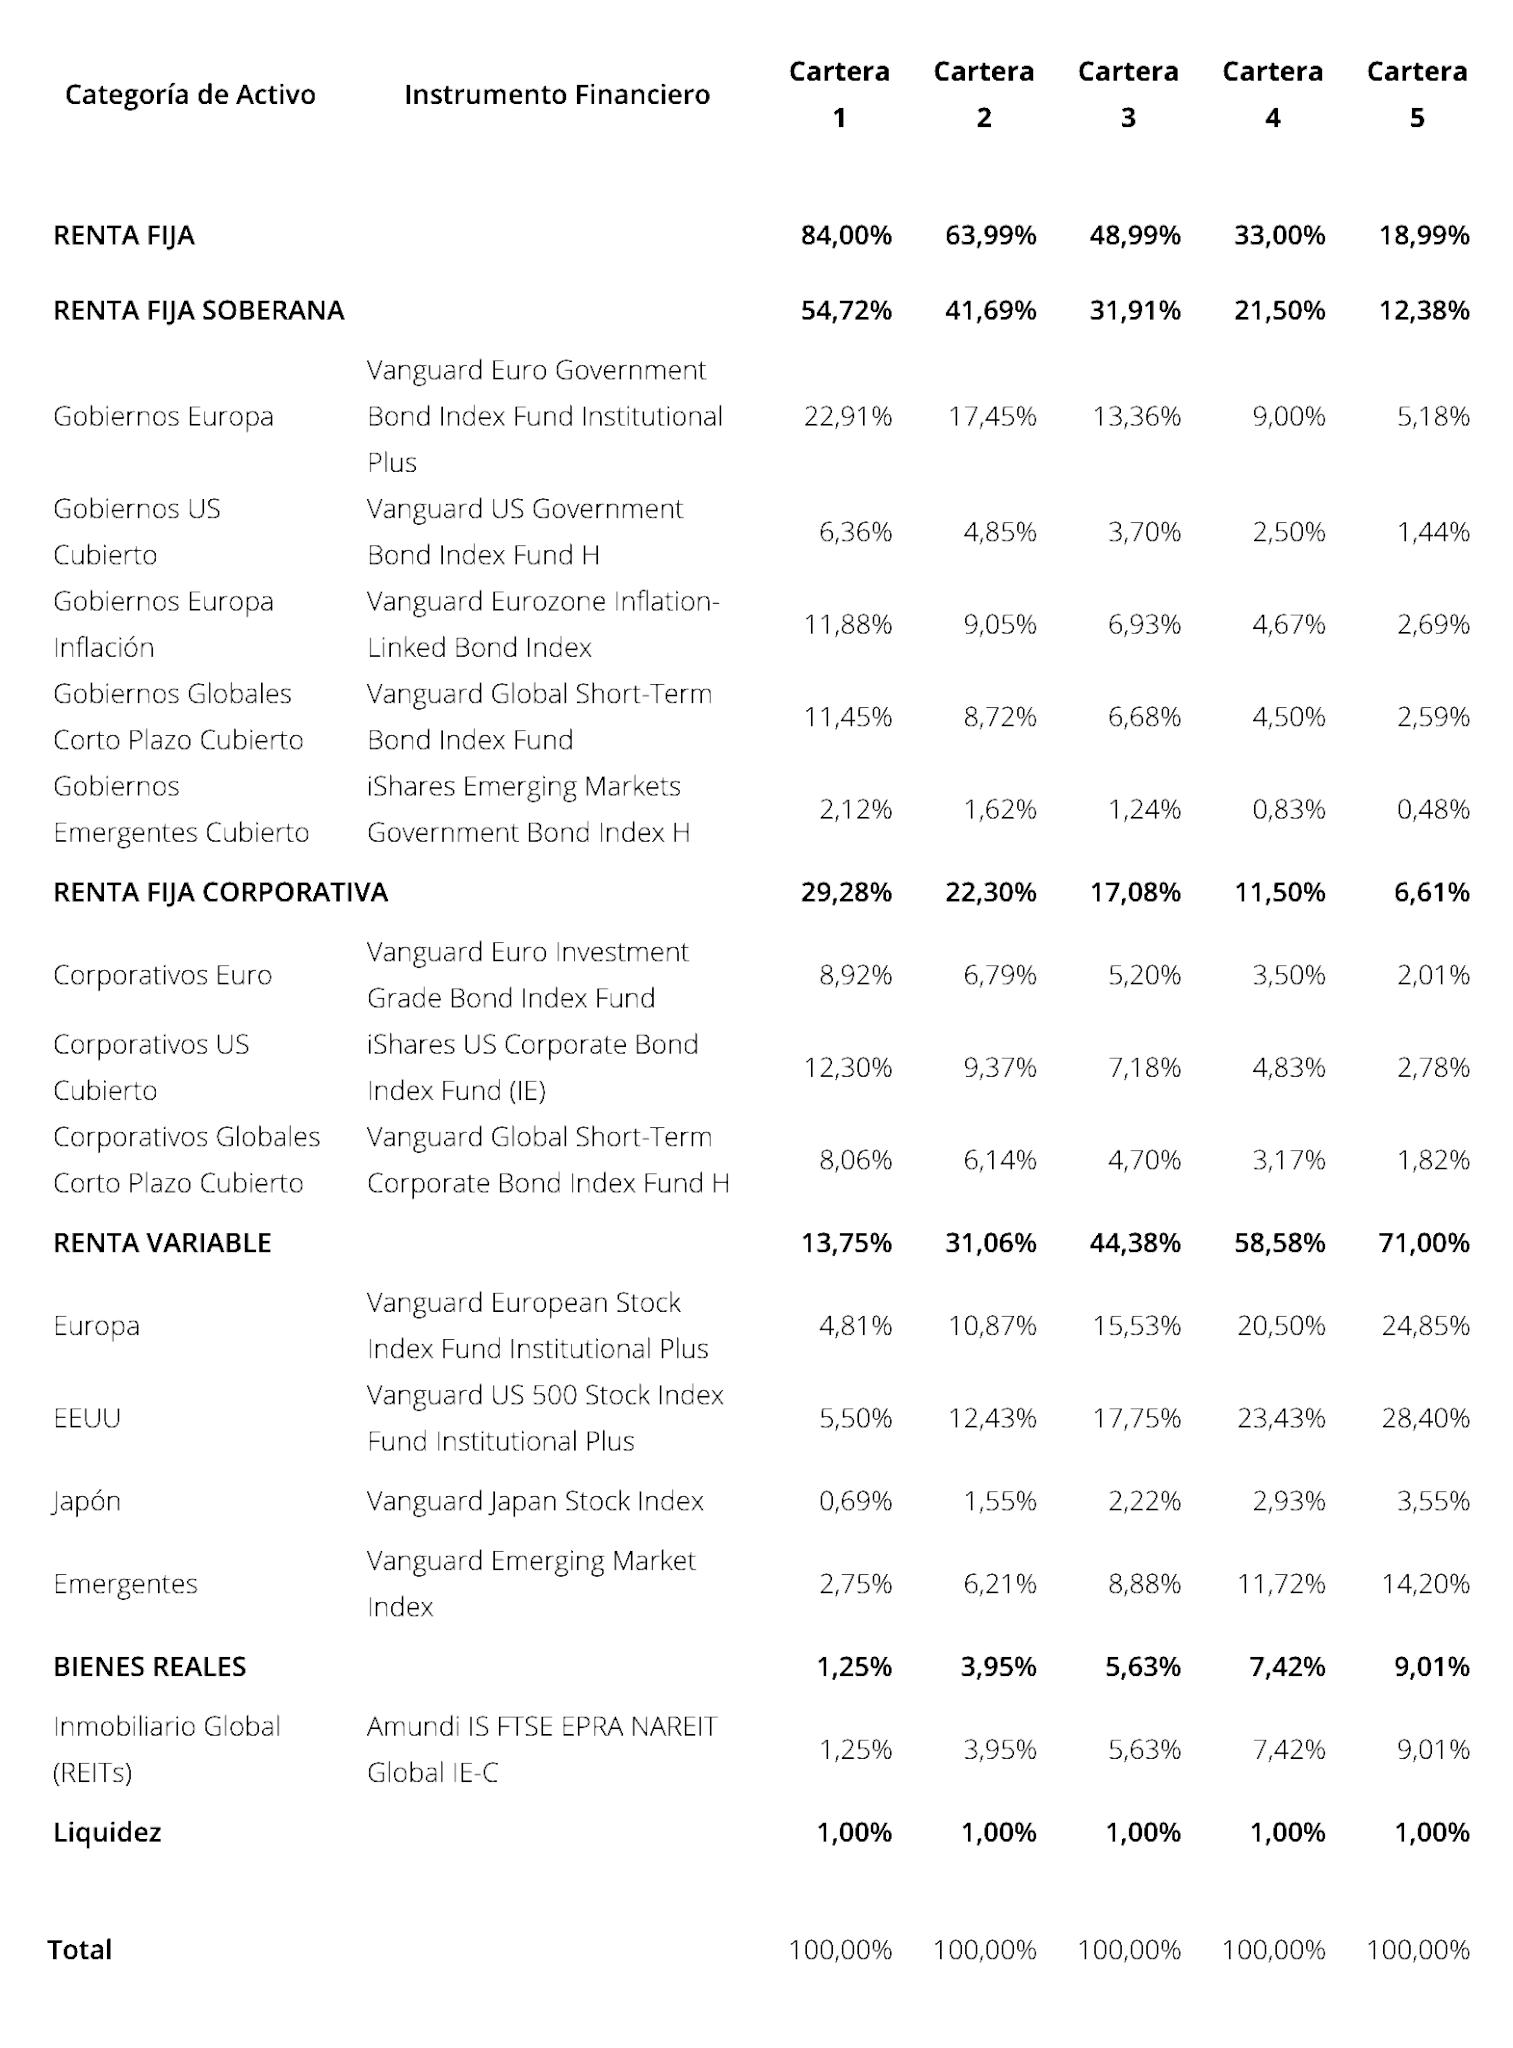 Detalle de las carteras del Plan de Inversión de Finizens